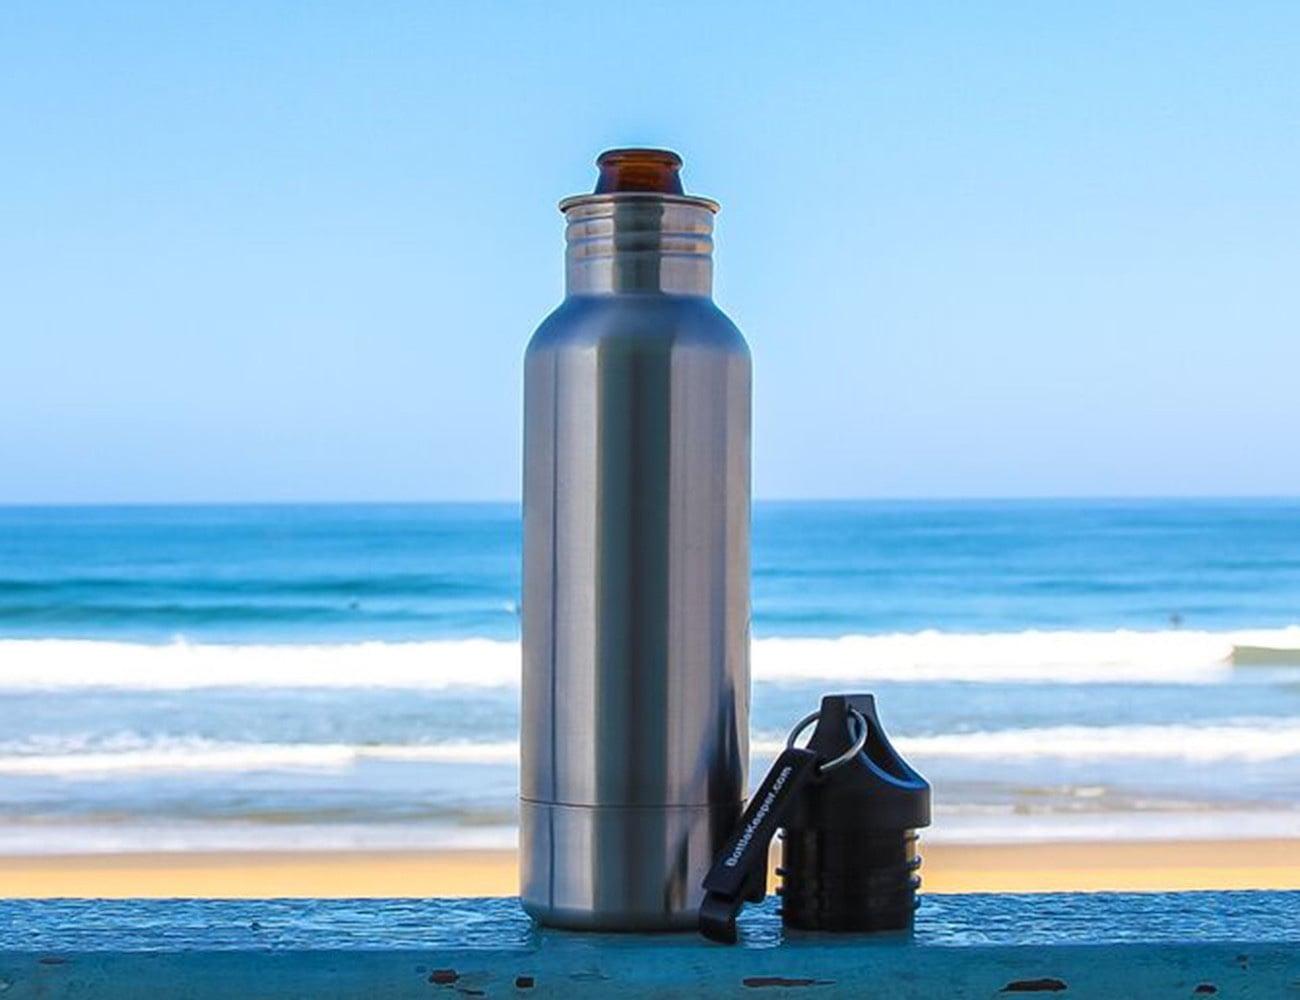 BottleKeeper Stainless Steel Beer Bottle Insulator